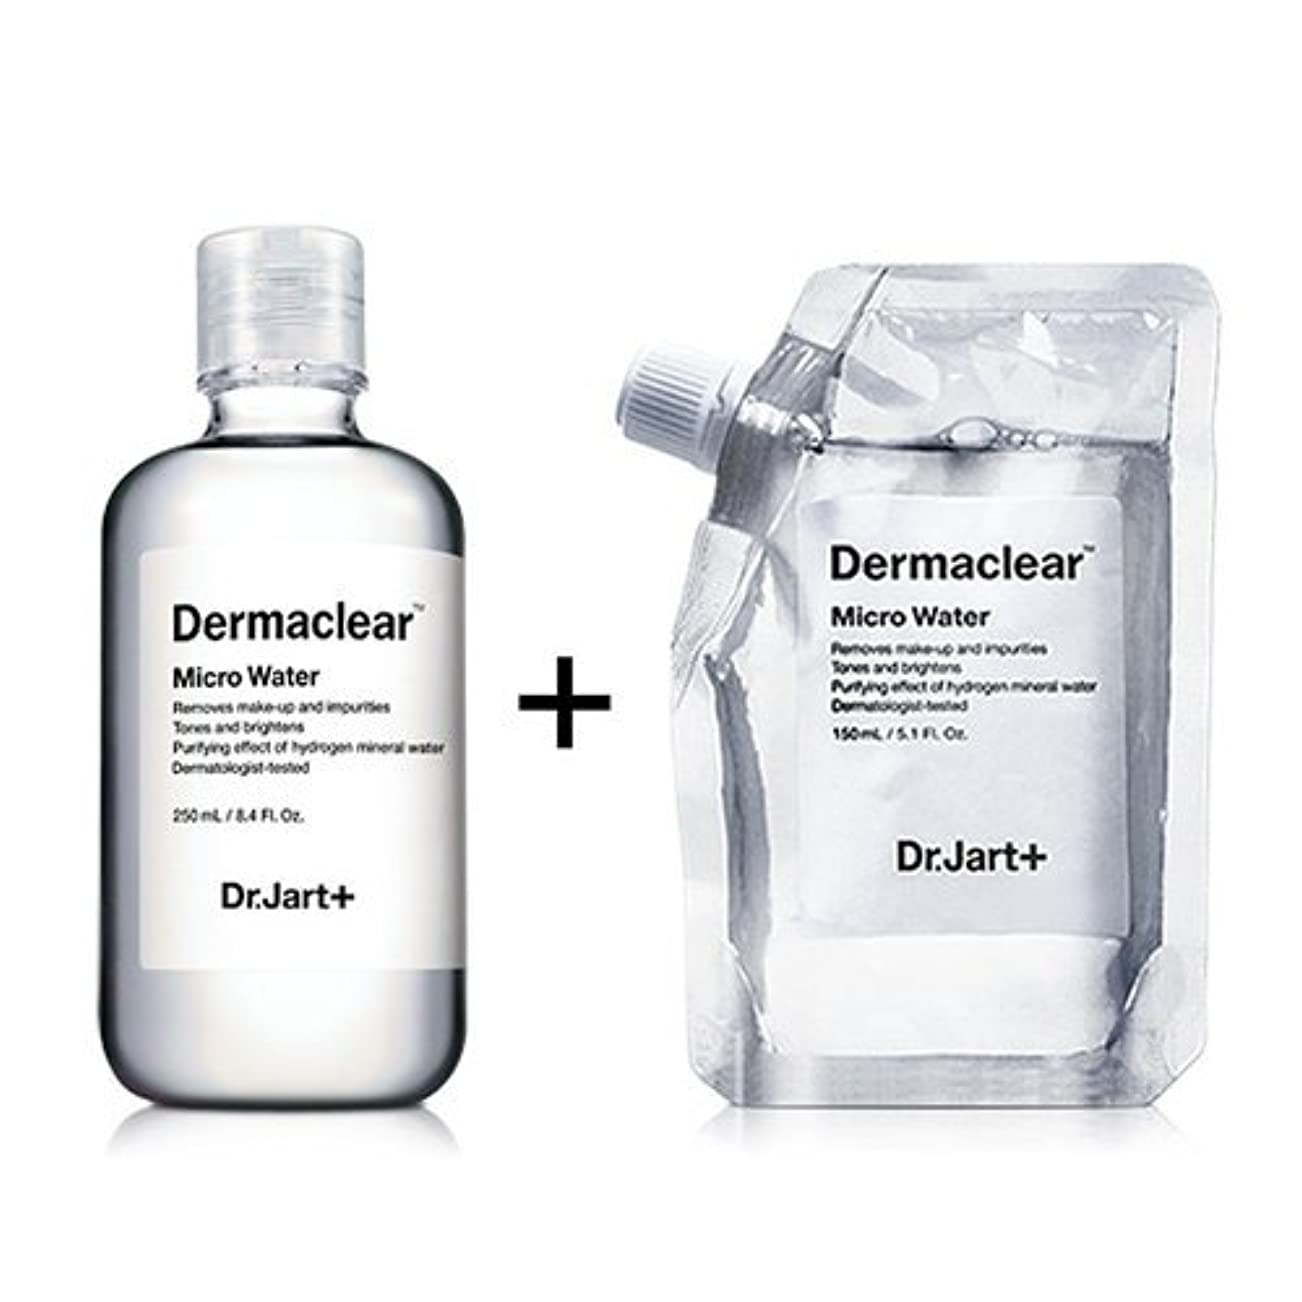 細菌セーブエレクトロニックドクタージャルト[韓国コスメ Dr.Jart+]ダーマクリア マイクロ ウォーター250ml+150ml(リフィル) [Dr.Jart+]Dermaclear Micro Water (250ml+150ml)